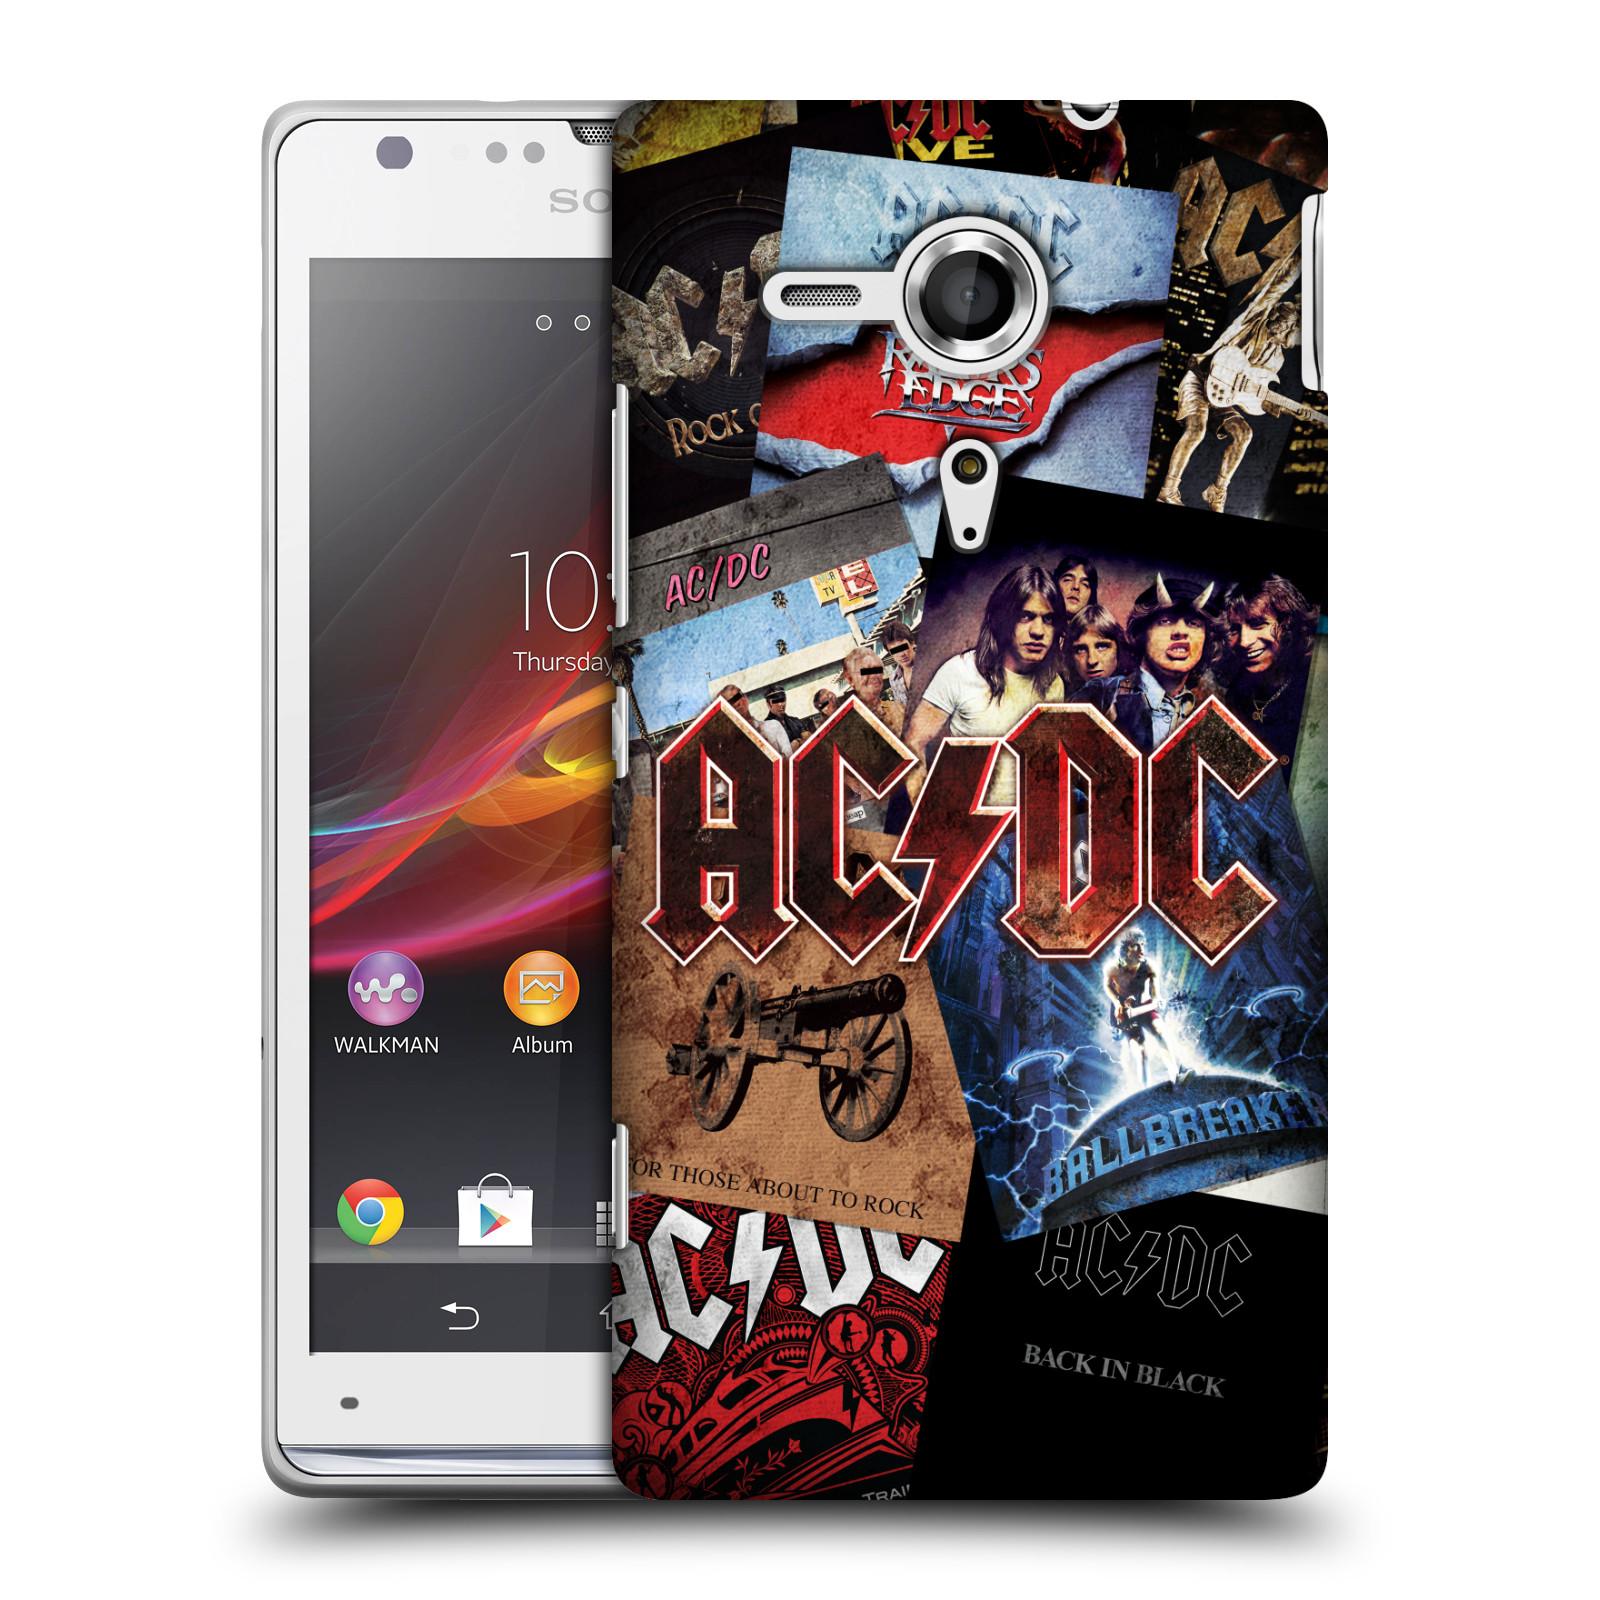 Plastové pouzdro na mobil Sony Xperia SP C5303 HEAD CASE AC/DC Koláž desek (Plastový kryt či obal na mobilní telefon s oficiálním motivem australské skupiny AC/DC pro Sony Xperia SP)